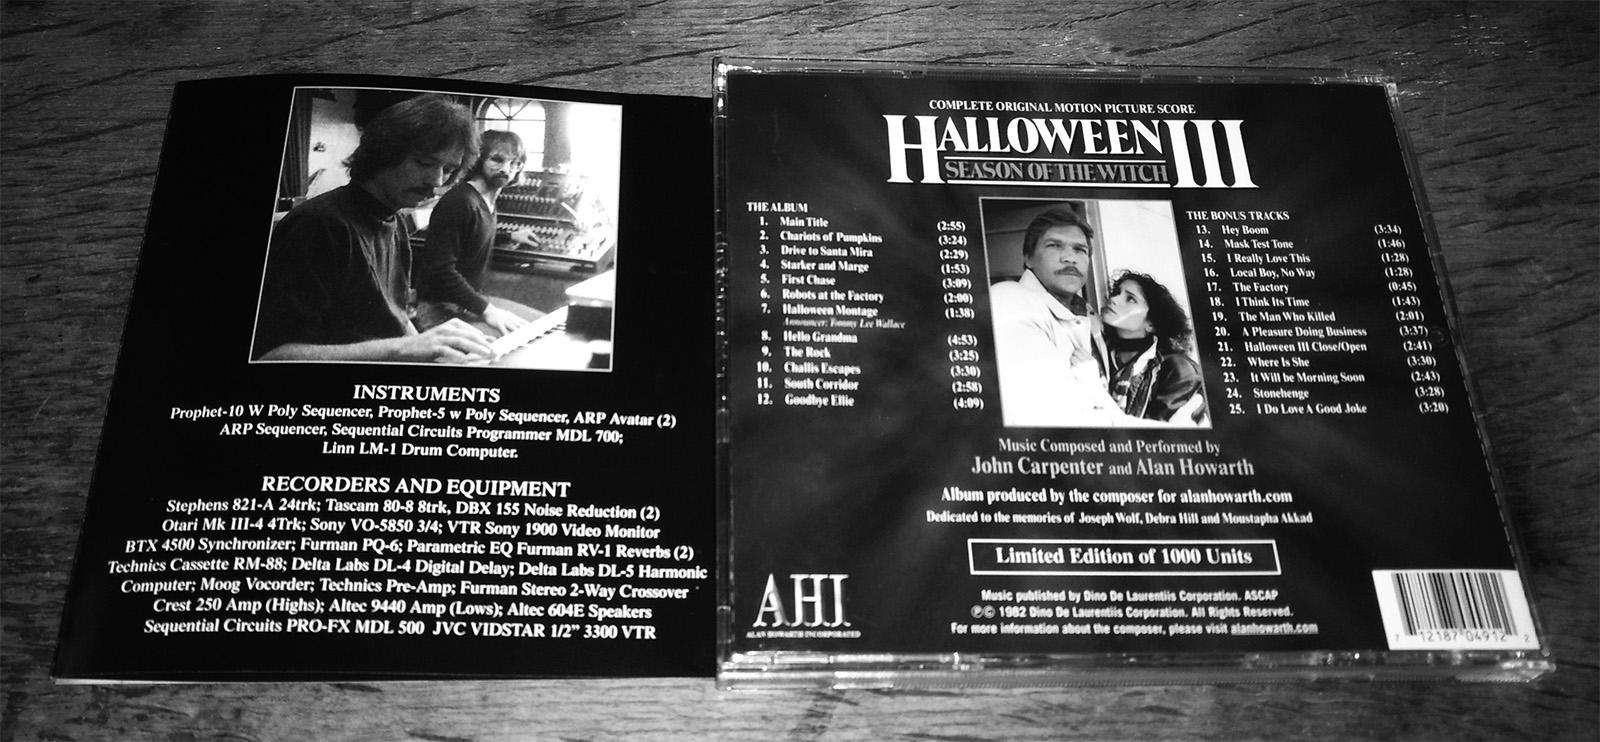 halloween iii complete soundtrack john carpenter alan howarth 1